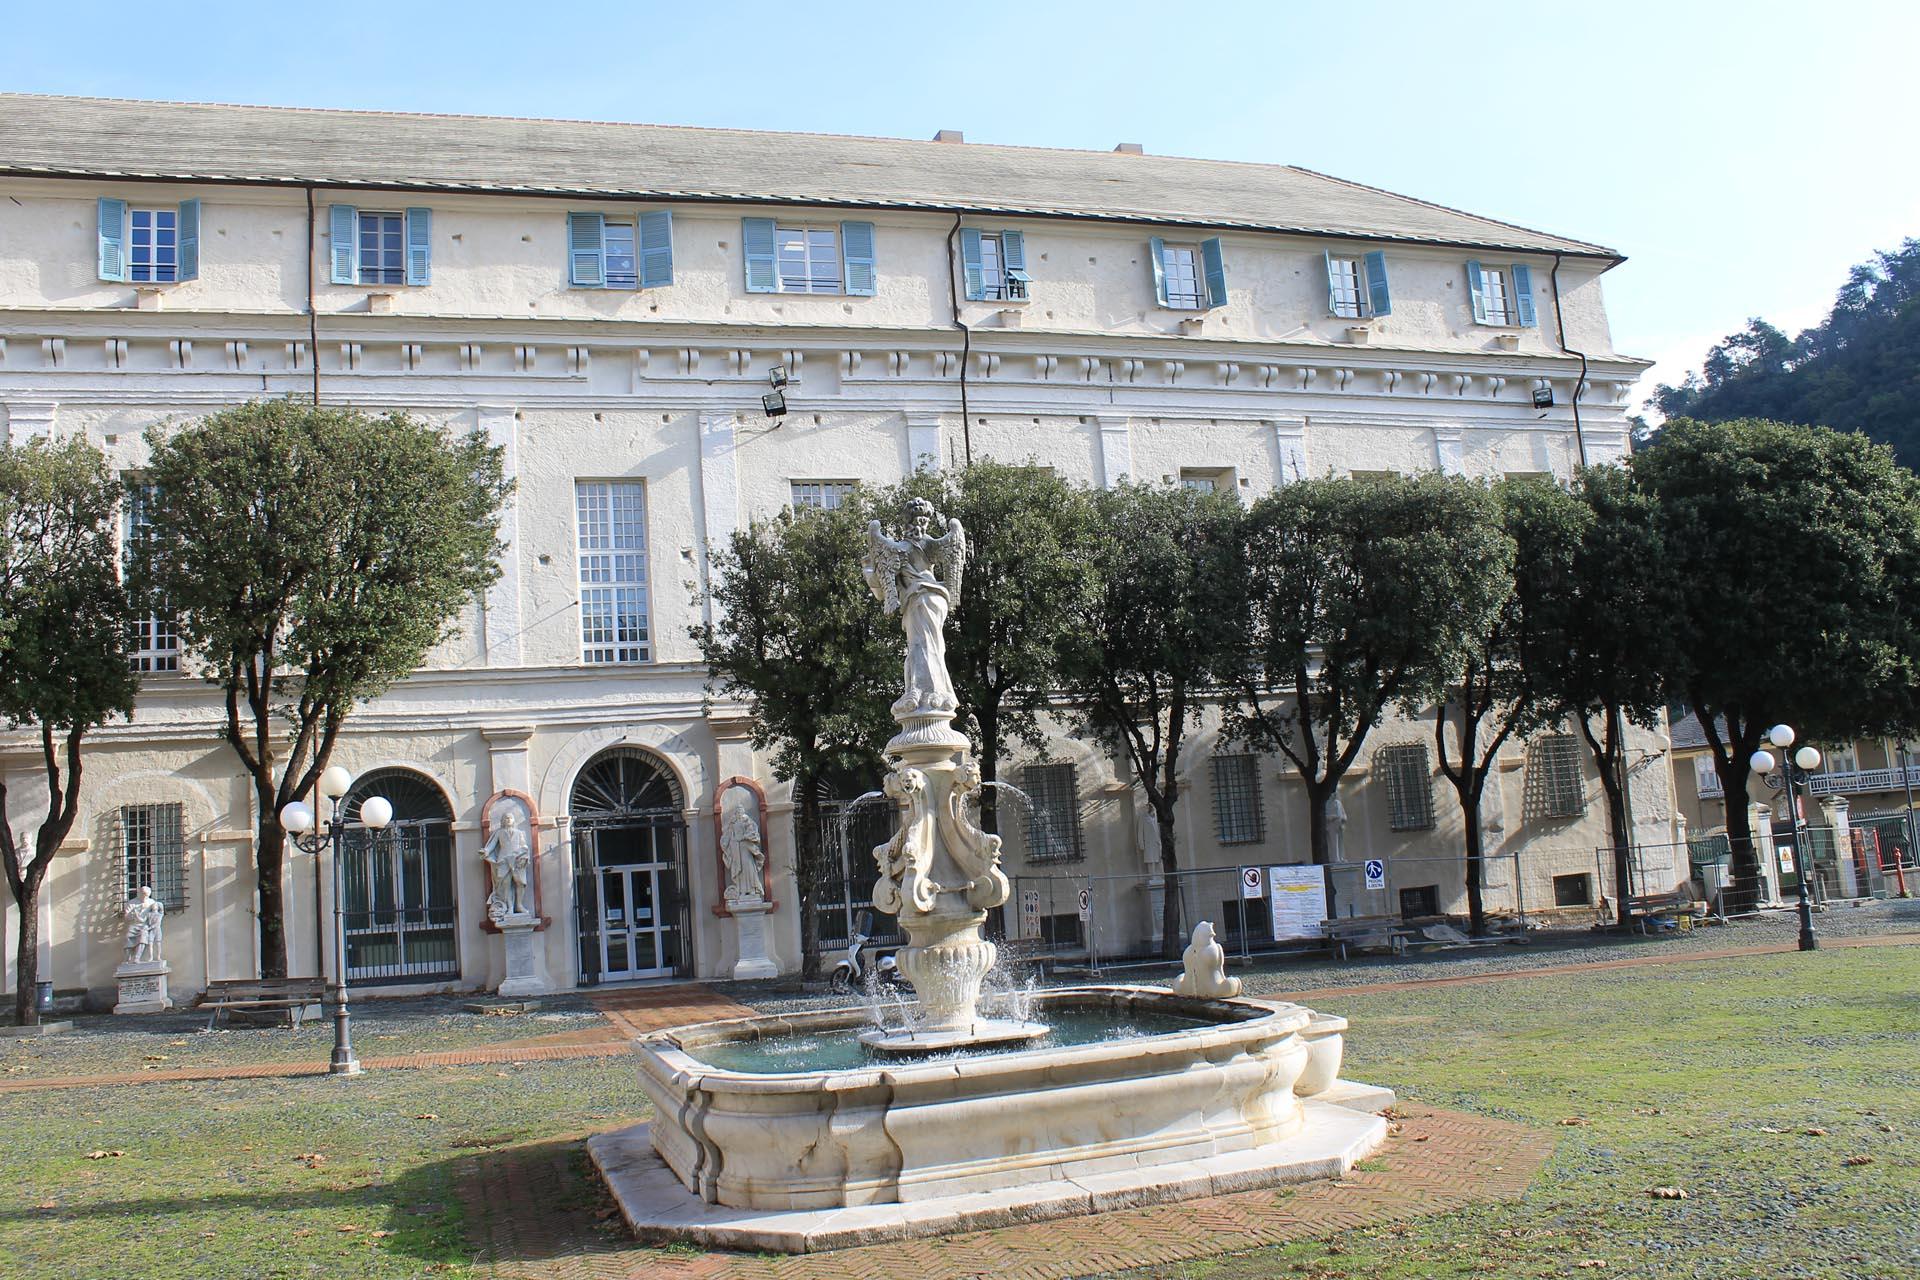 Residenza Protetta Santuario - Piazza Santuario 4 - Savona - Casa di Riposo - Casa per Anziani